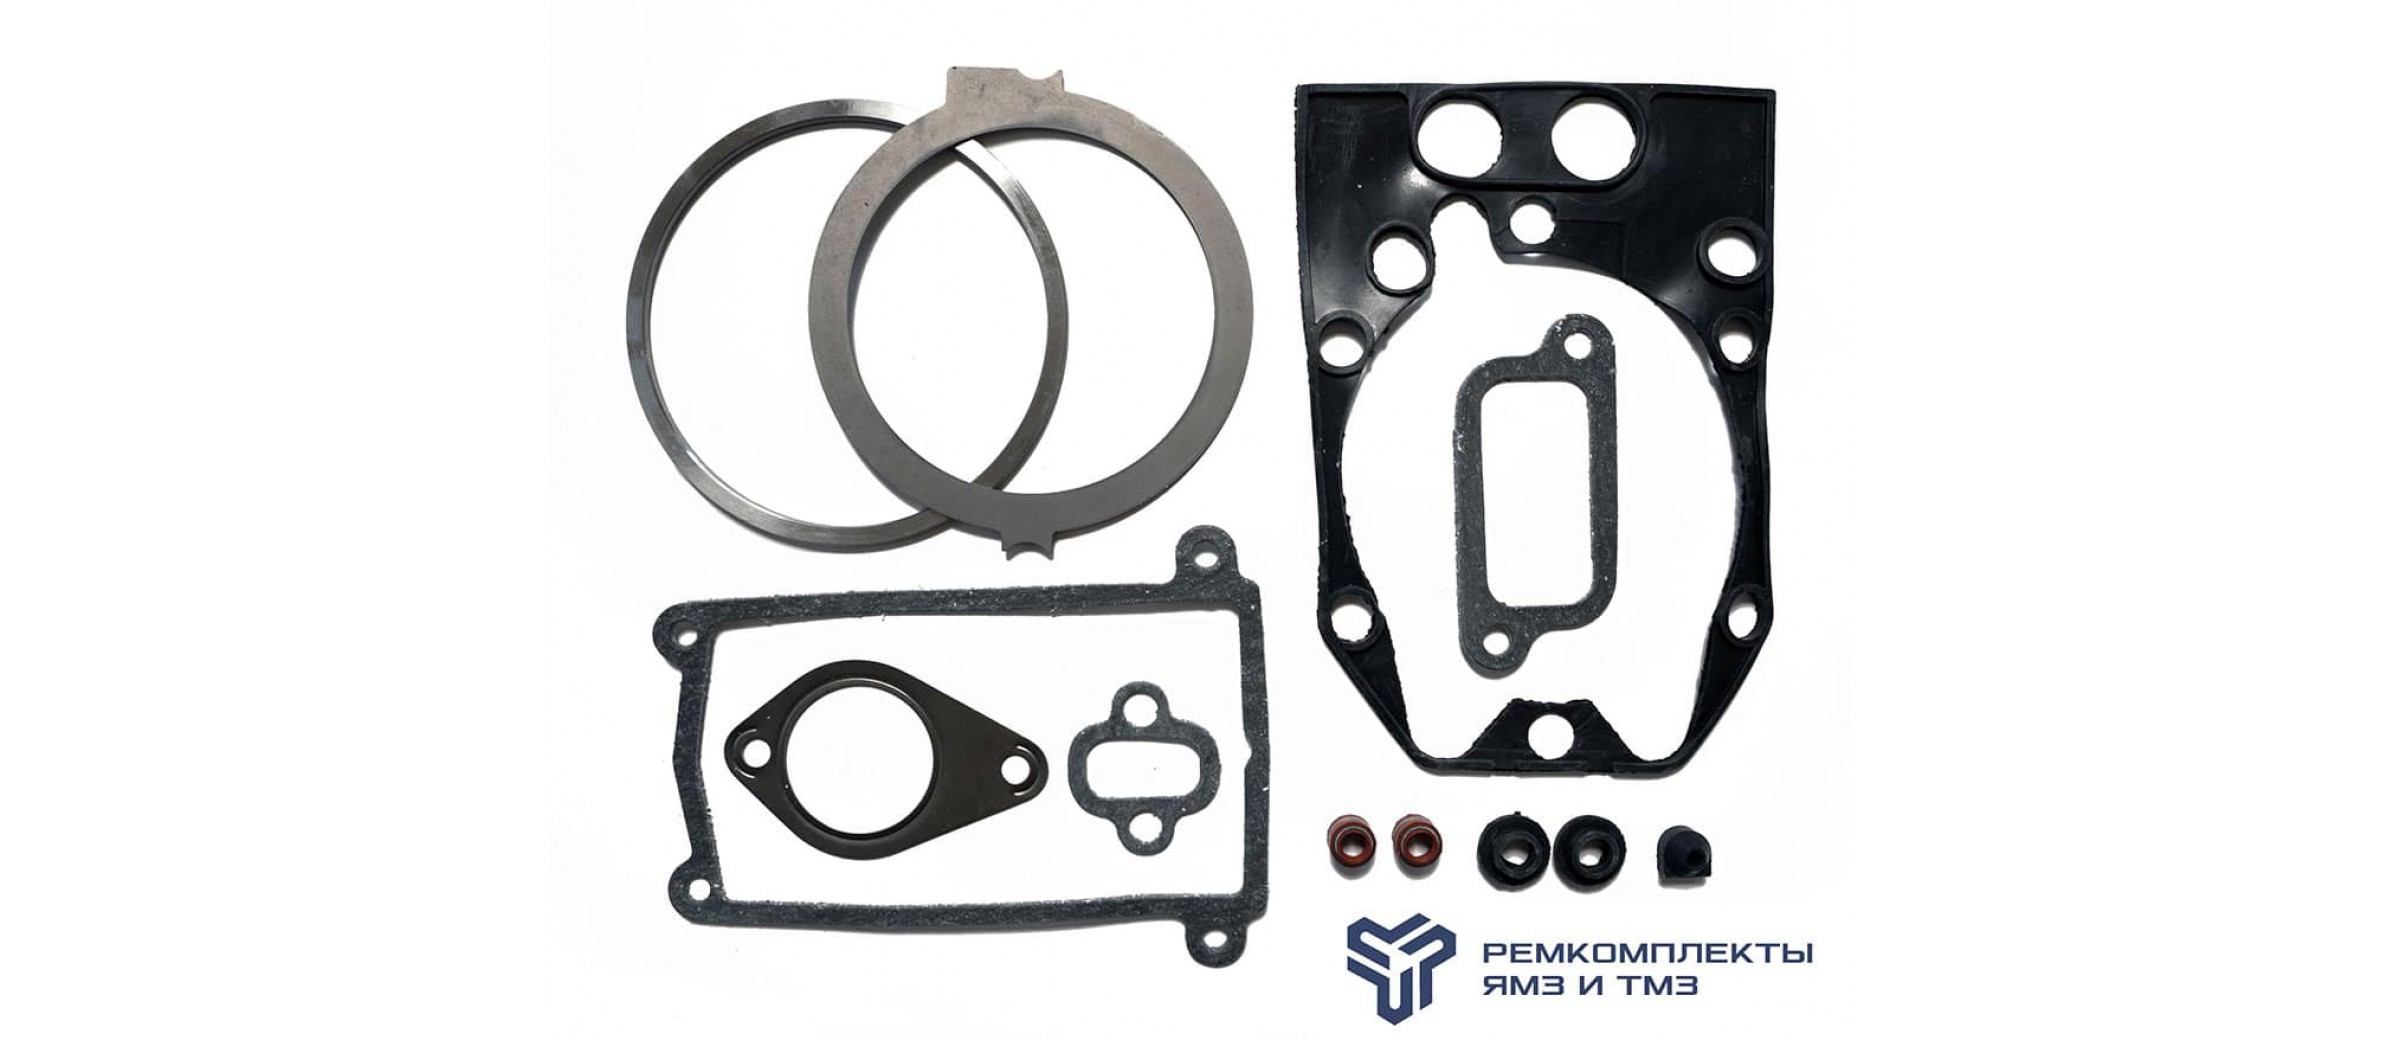 Ремкомплект индивидуальной ГБЦ (двигатель ЯМЗ-840)